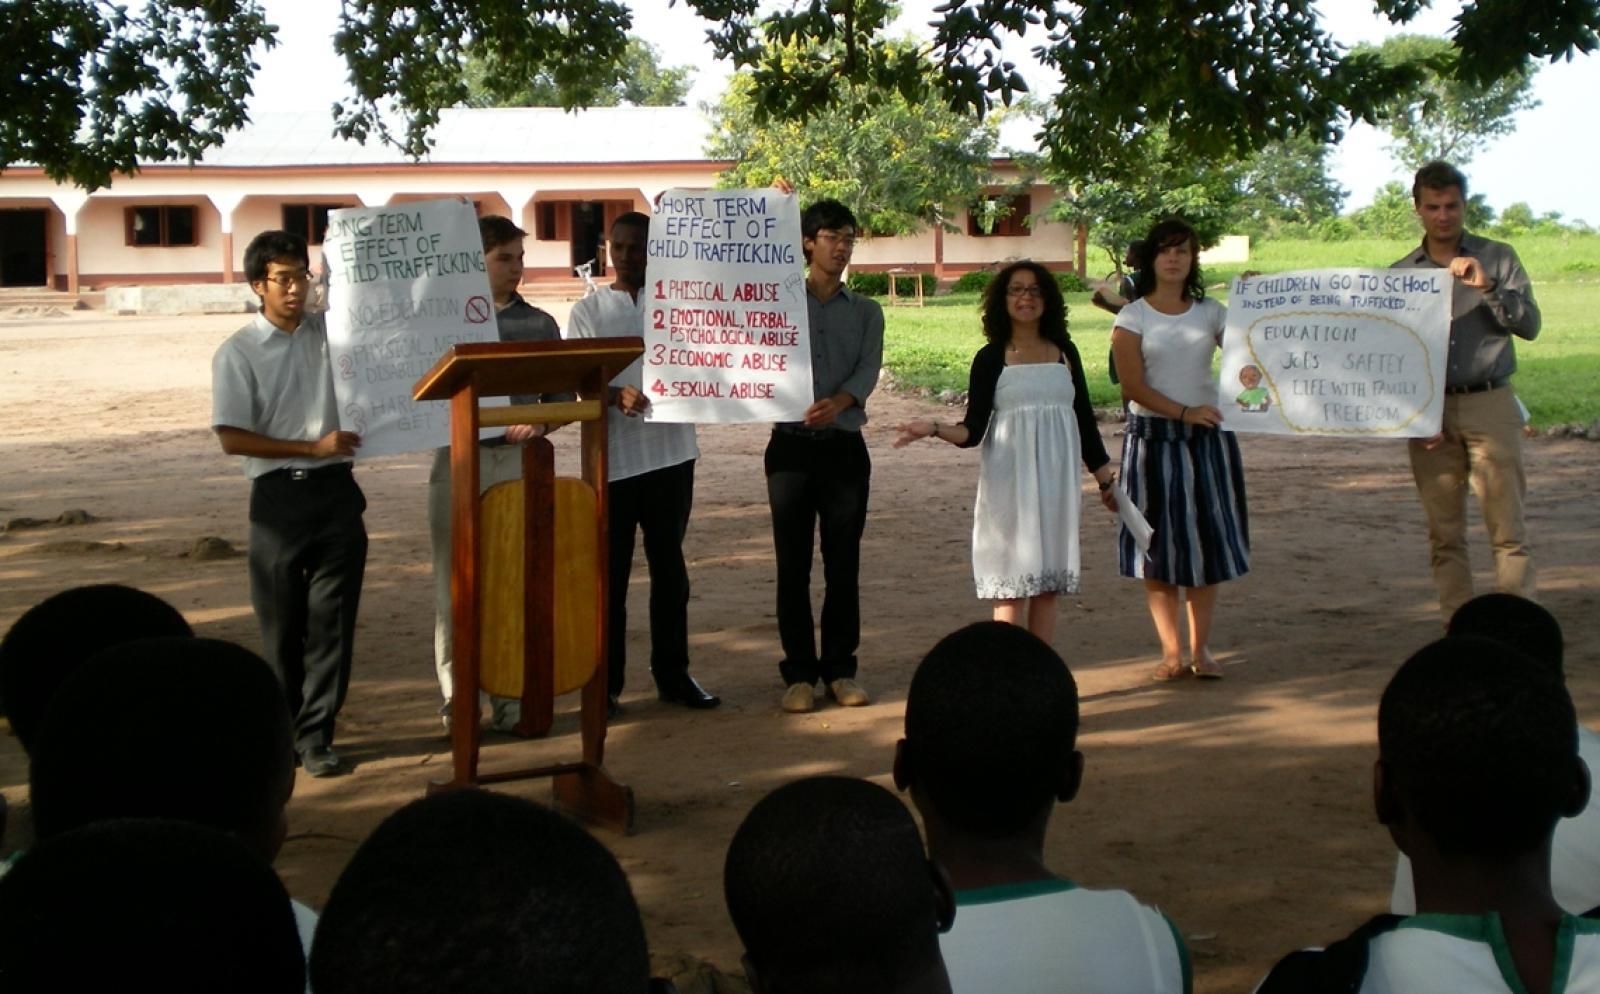 ガーナで人権教育に努める日本人インターンと仲間たち